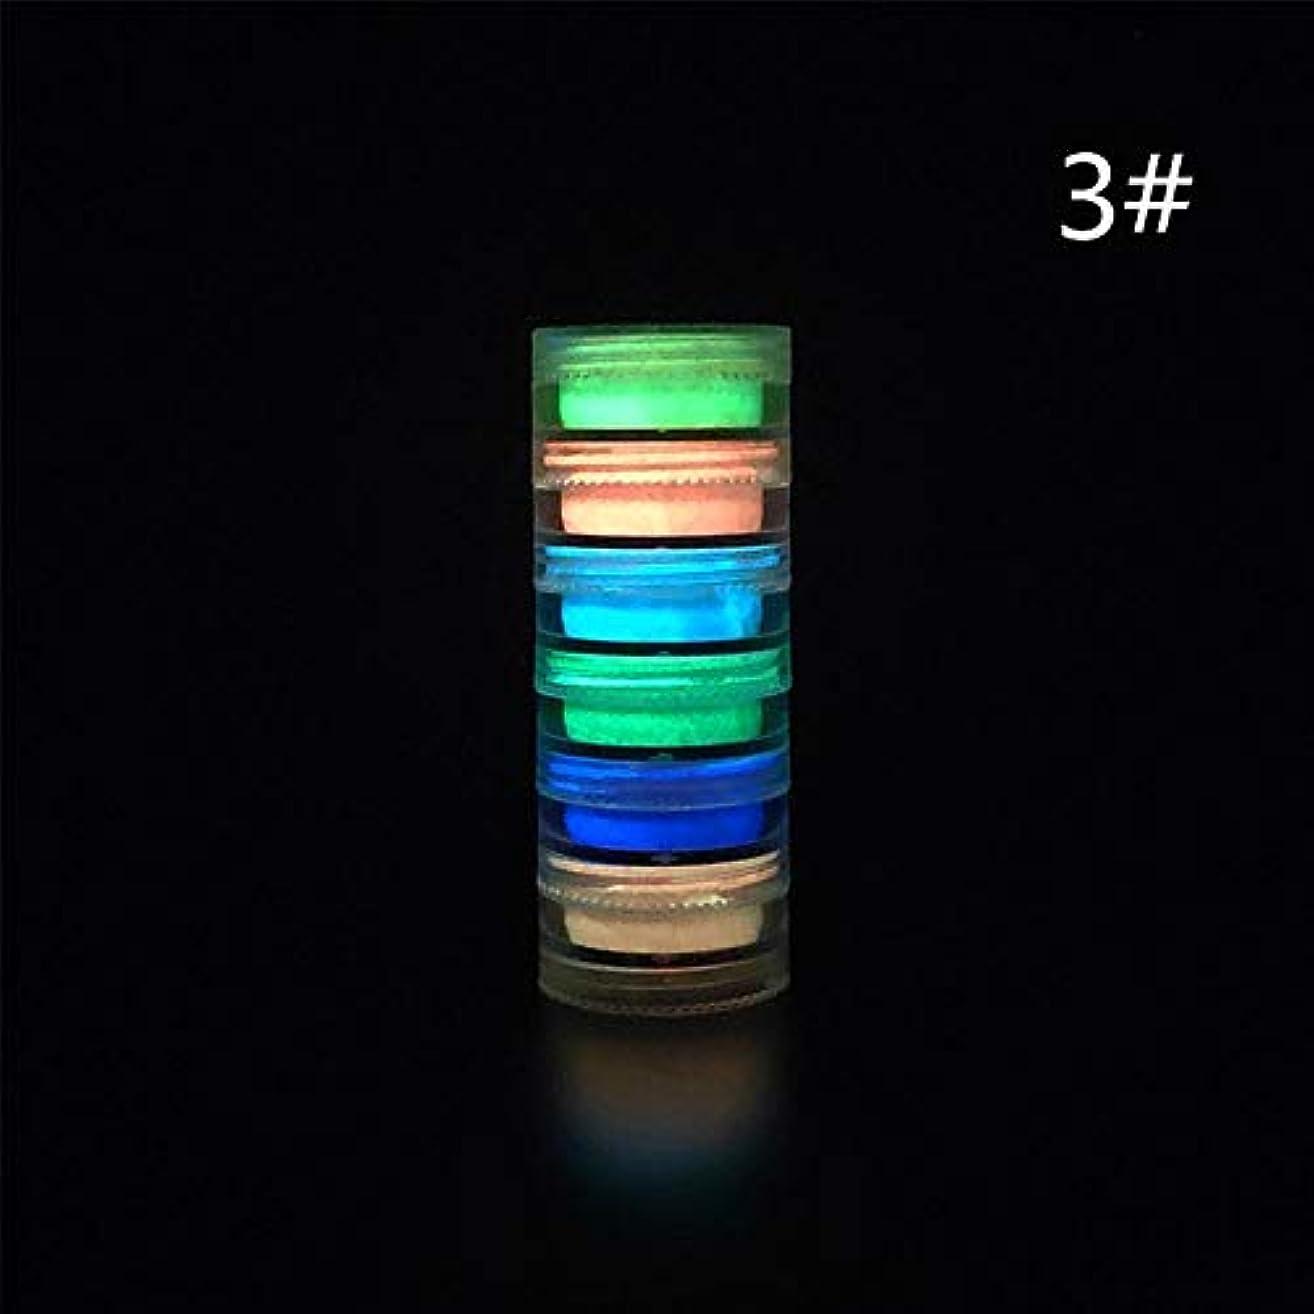 クランシー知らせる合理化BETTER YOU (ベター ュー) 夜光パウダー ネイルグリッターパウダー 高輝度 ネオン蛍光体 ステッカー